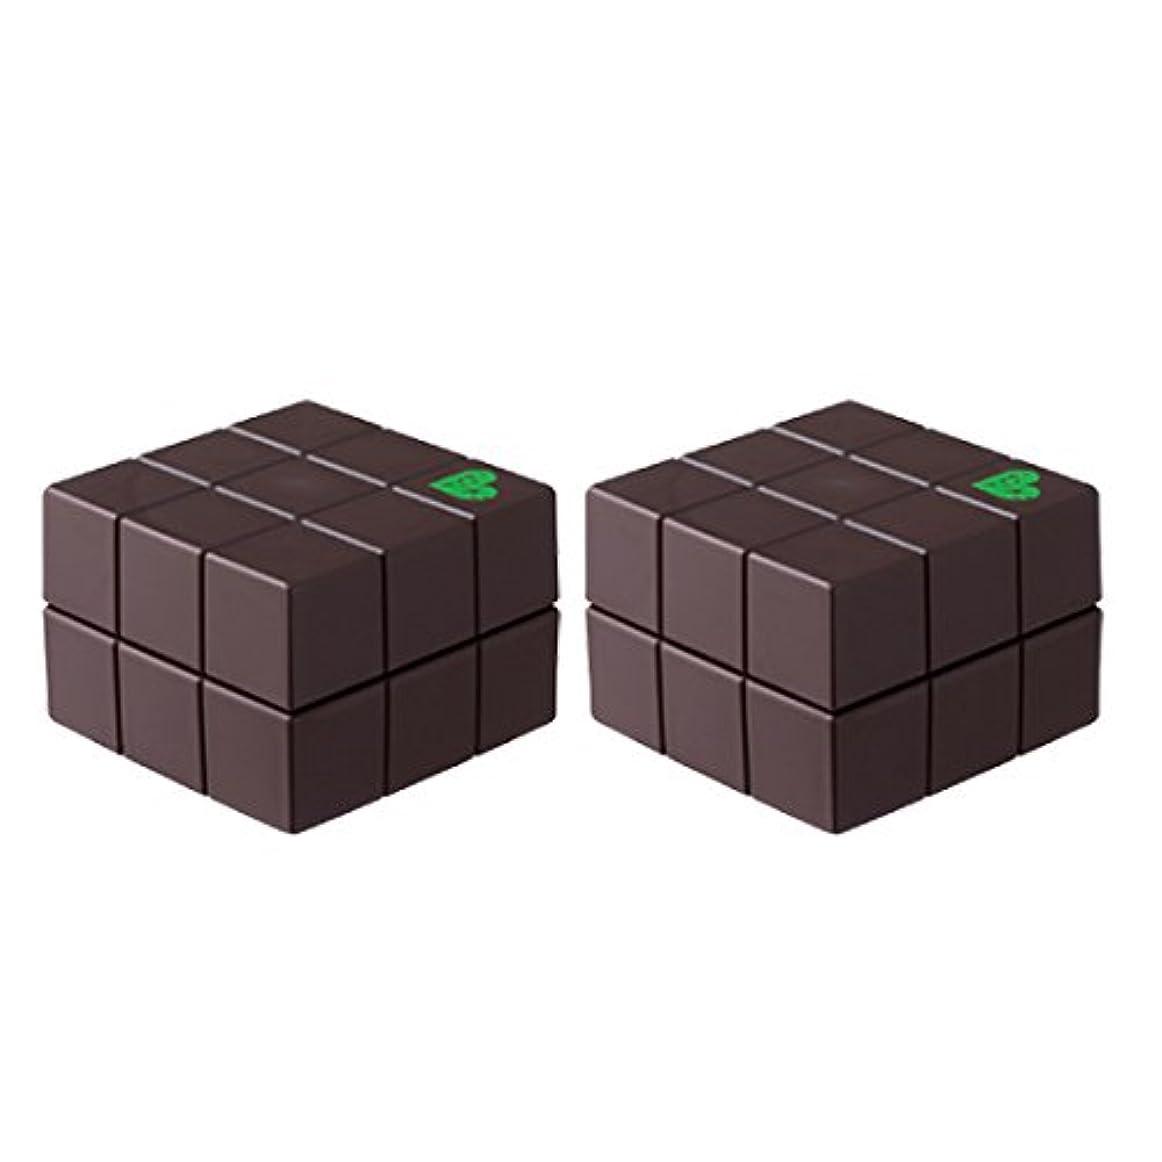 安価な講師過剰【x2個セット】 アリミノ ピース プロデザインシリーズ ハードワックス チョコ 40g